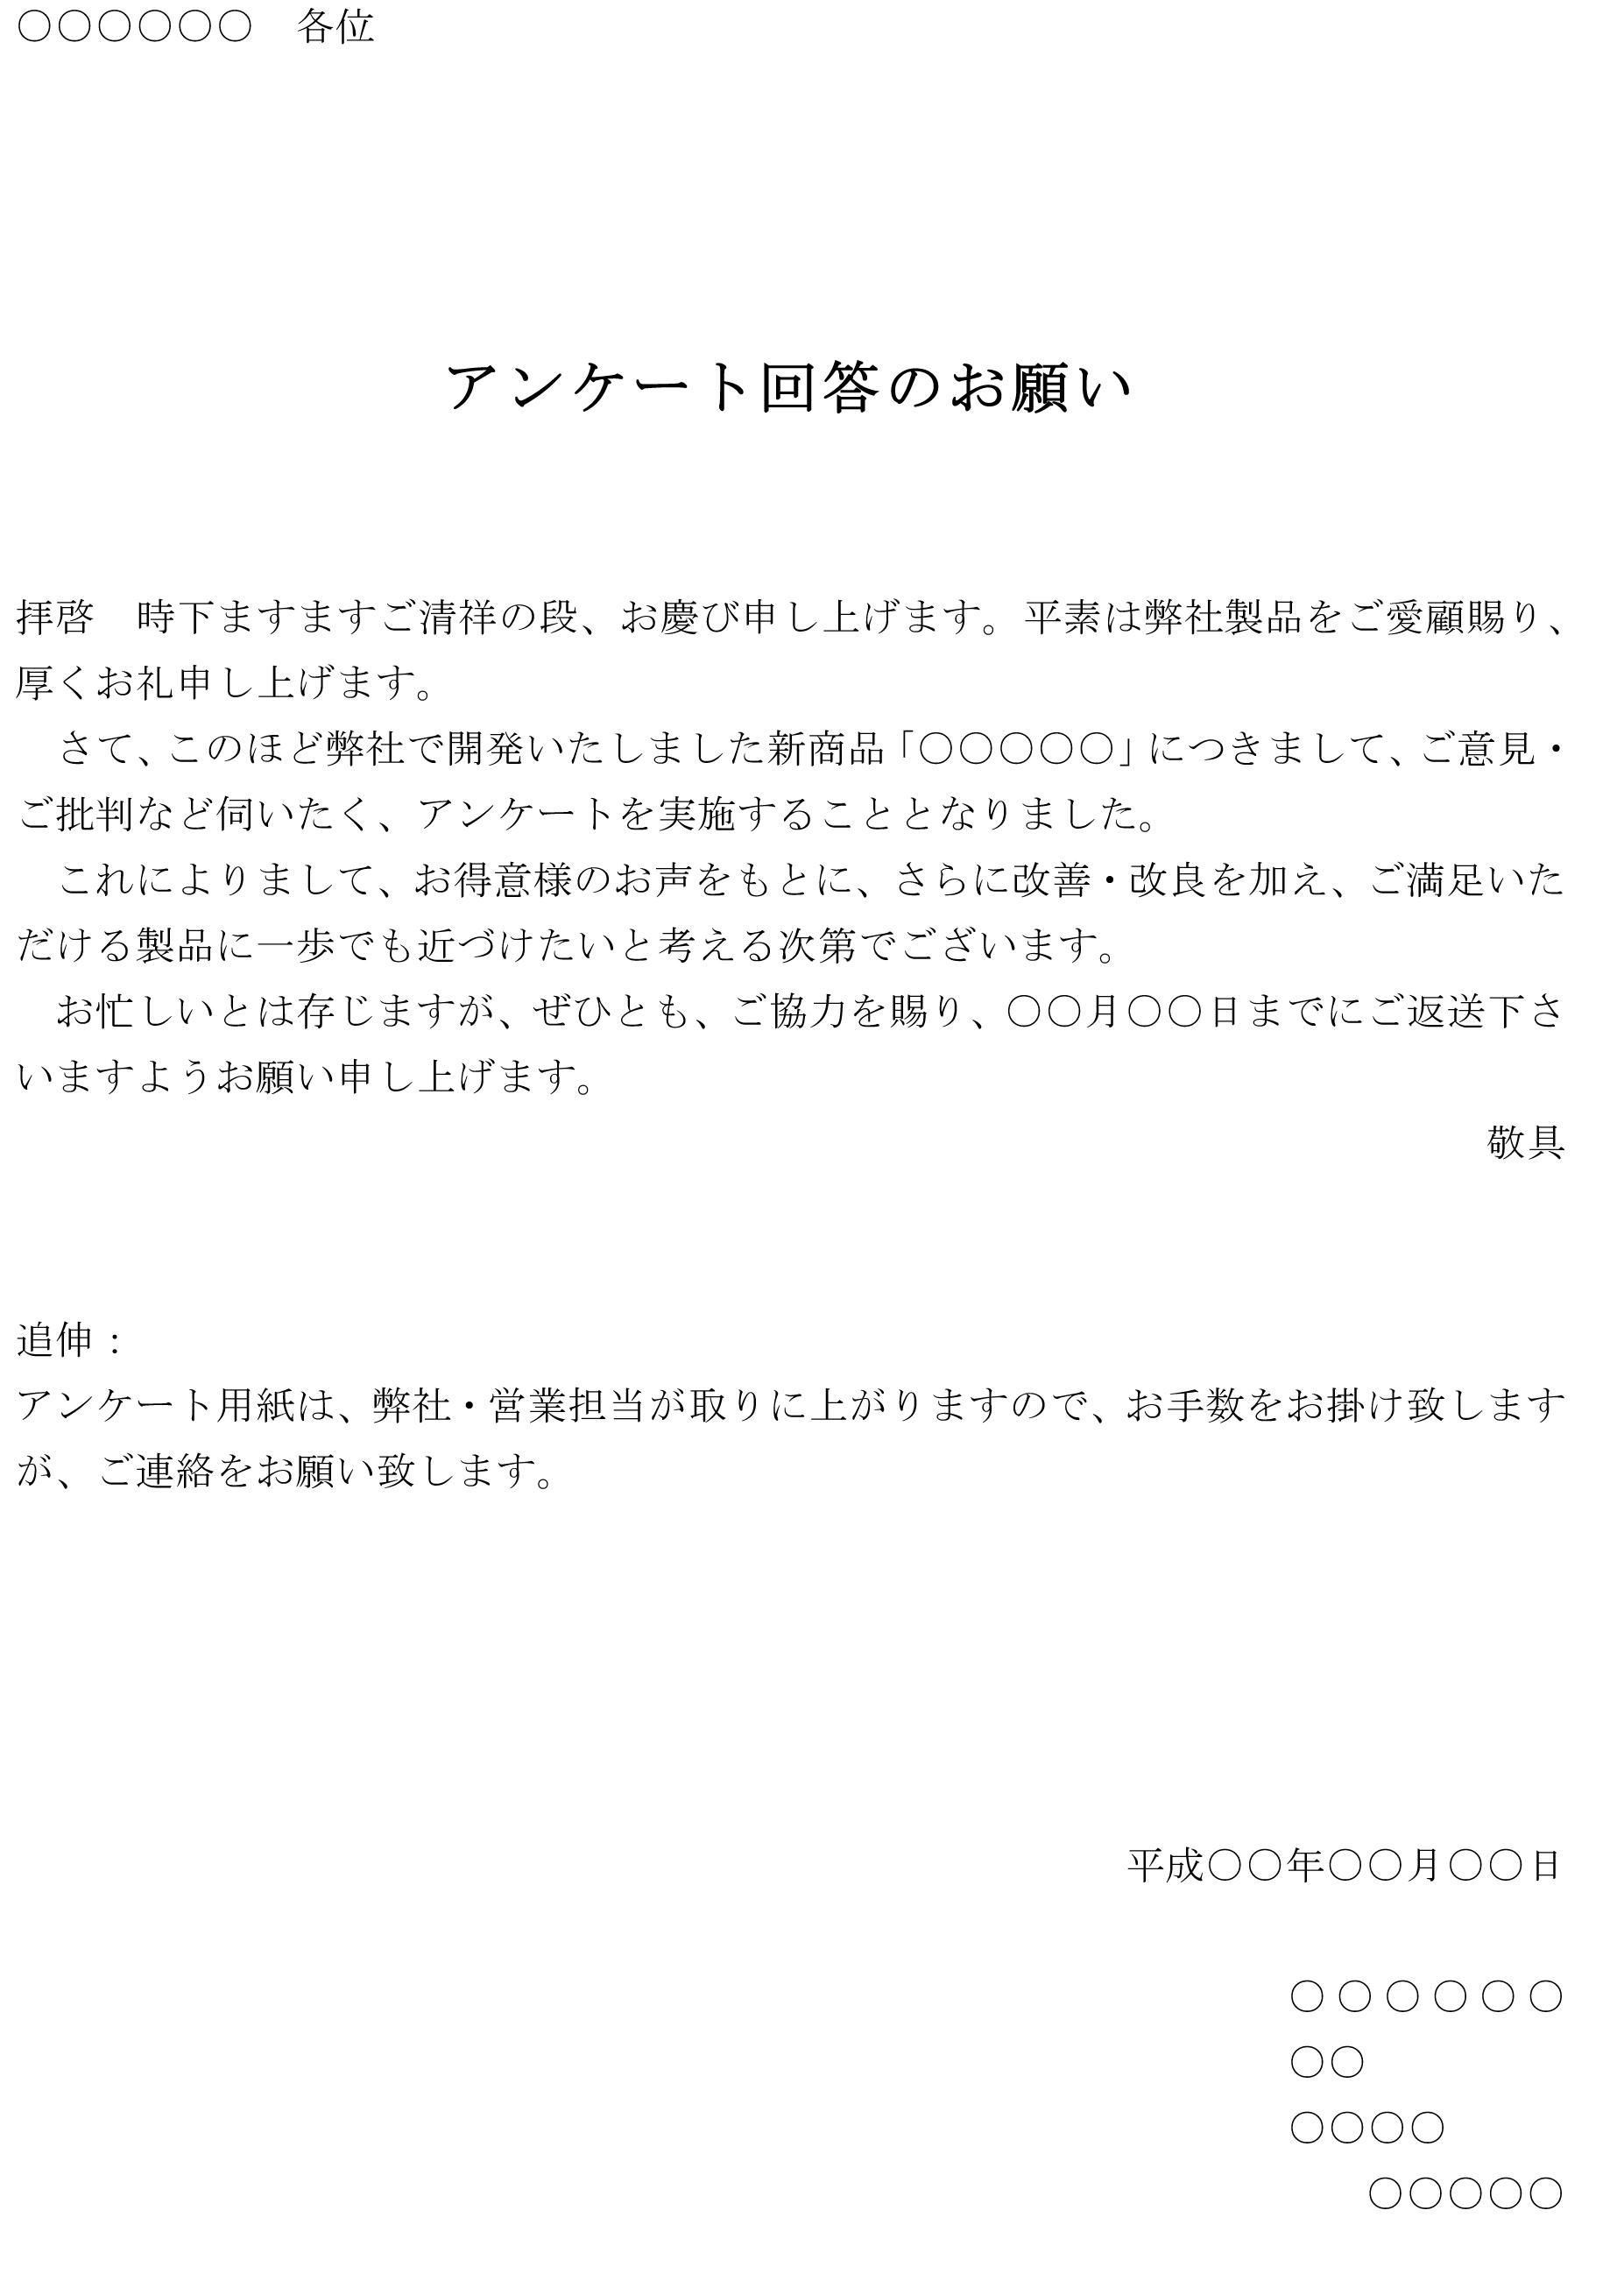 依頼状(アンケート回答)02